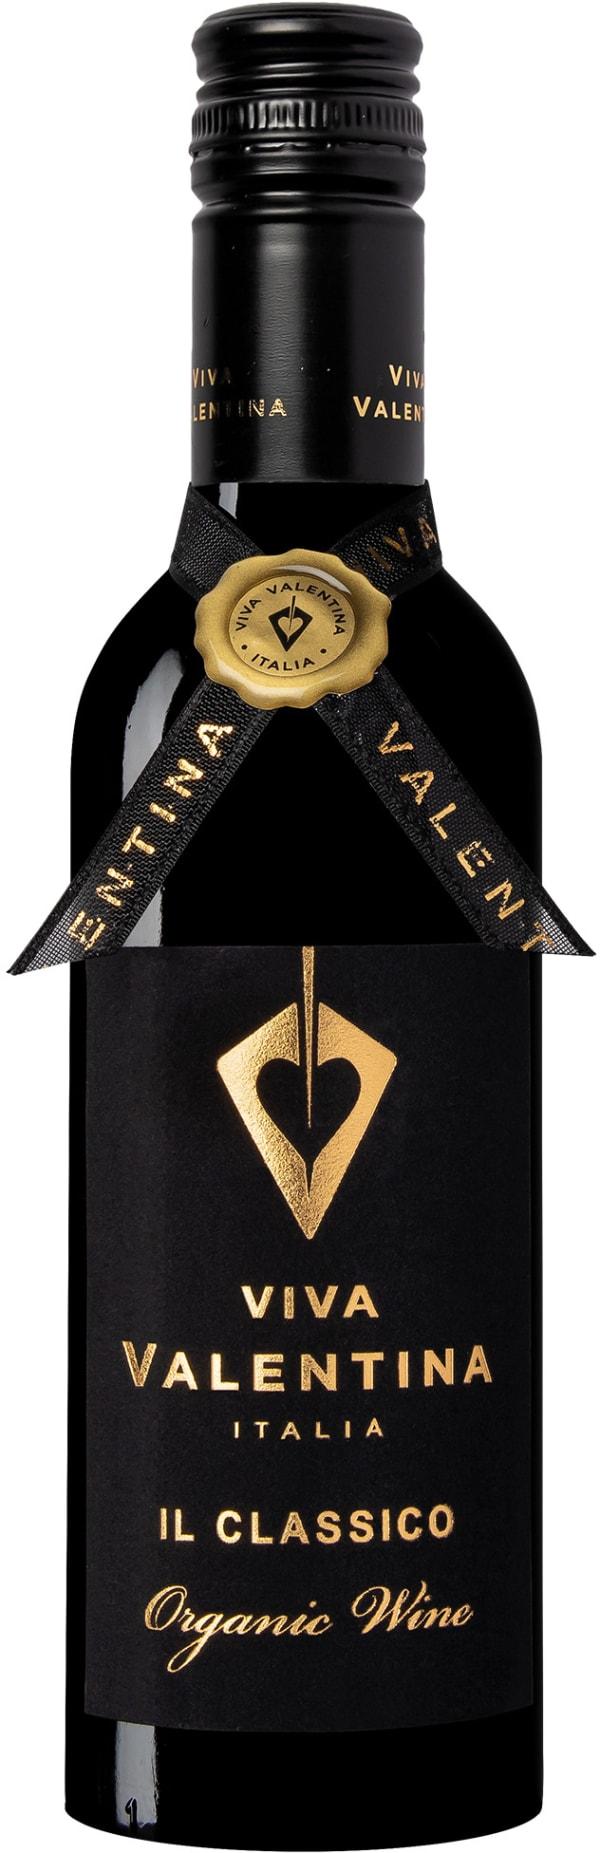 Villa Valentina Il Classico Organic 2015